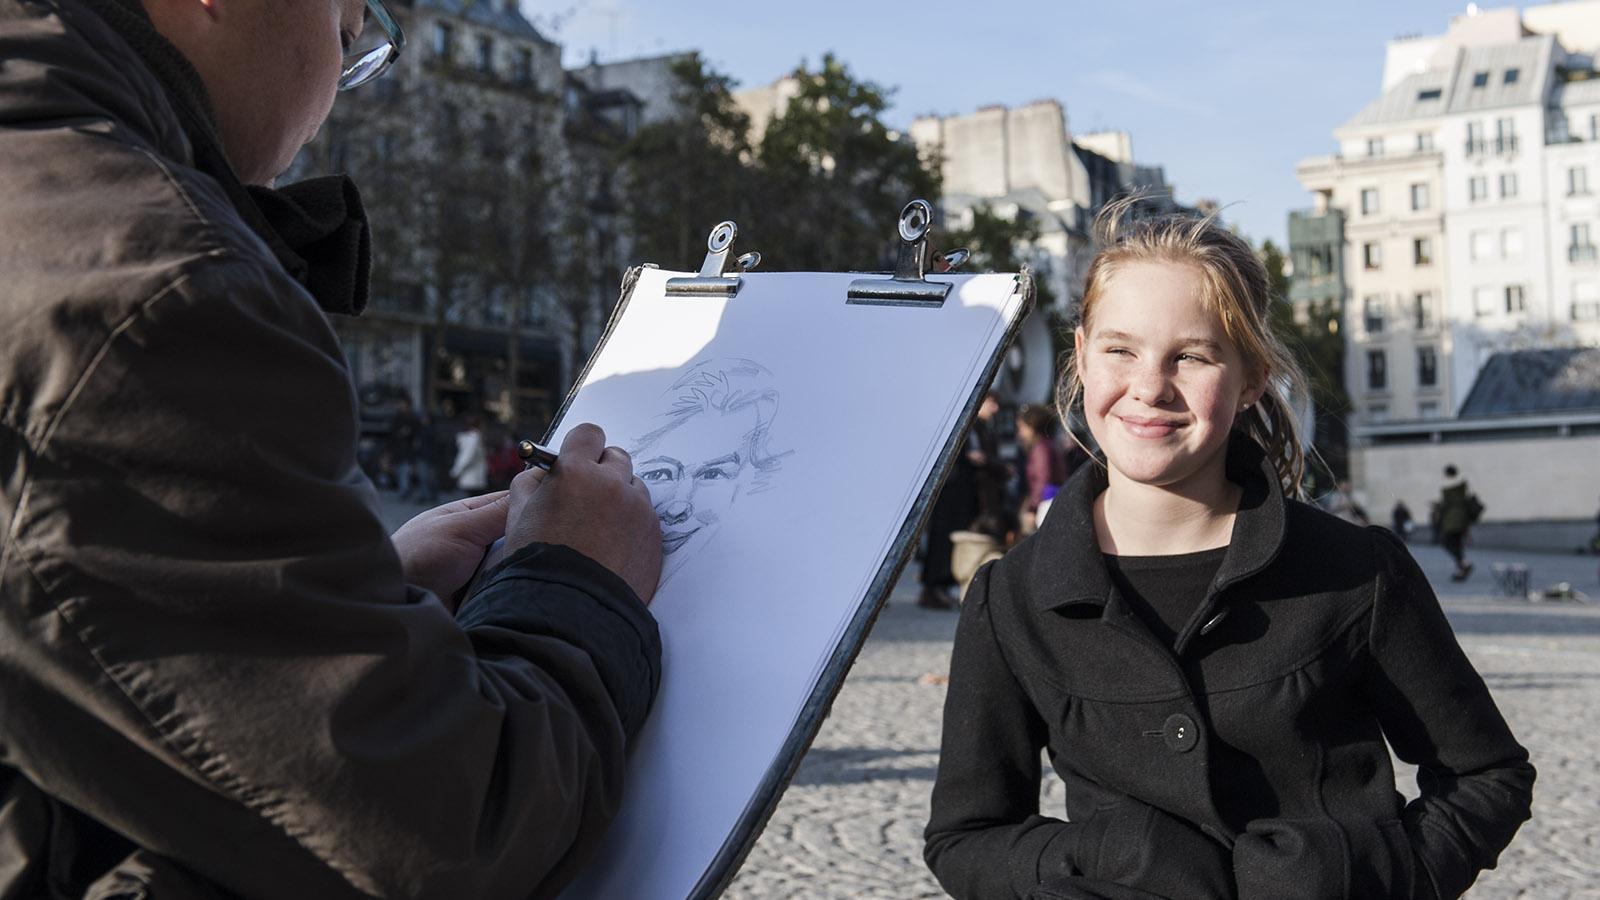 Nicht immer gelingen die Portraits der flinken Maler - meine Tochter war arg enttäuscht und meine, das Werk sei eher eine Karikatur... Foto: Hilke Maunder